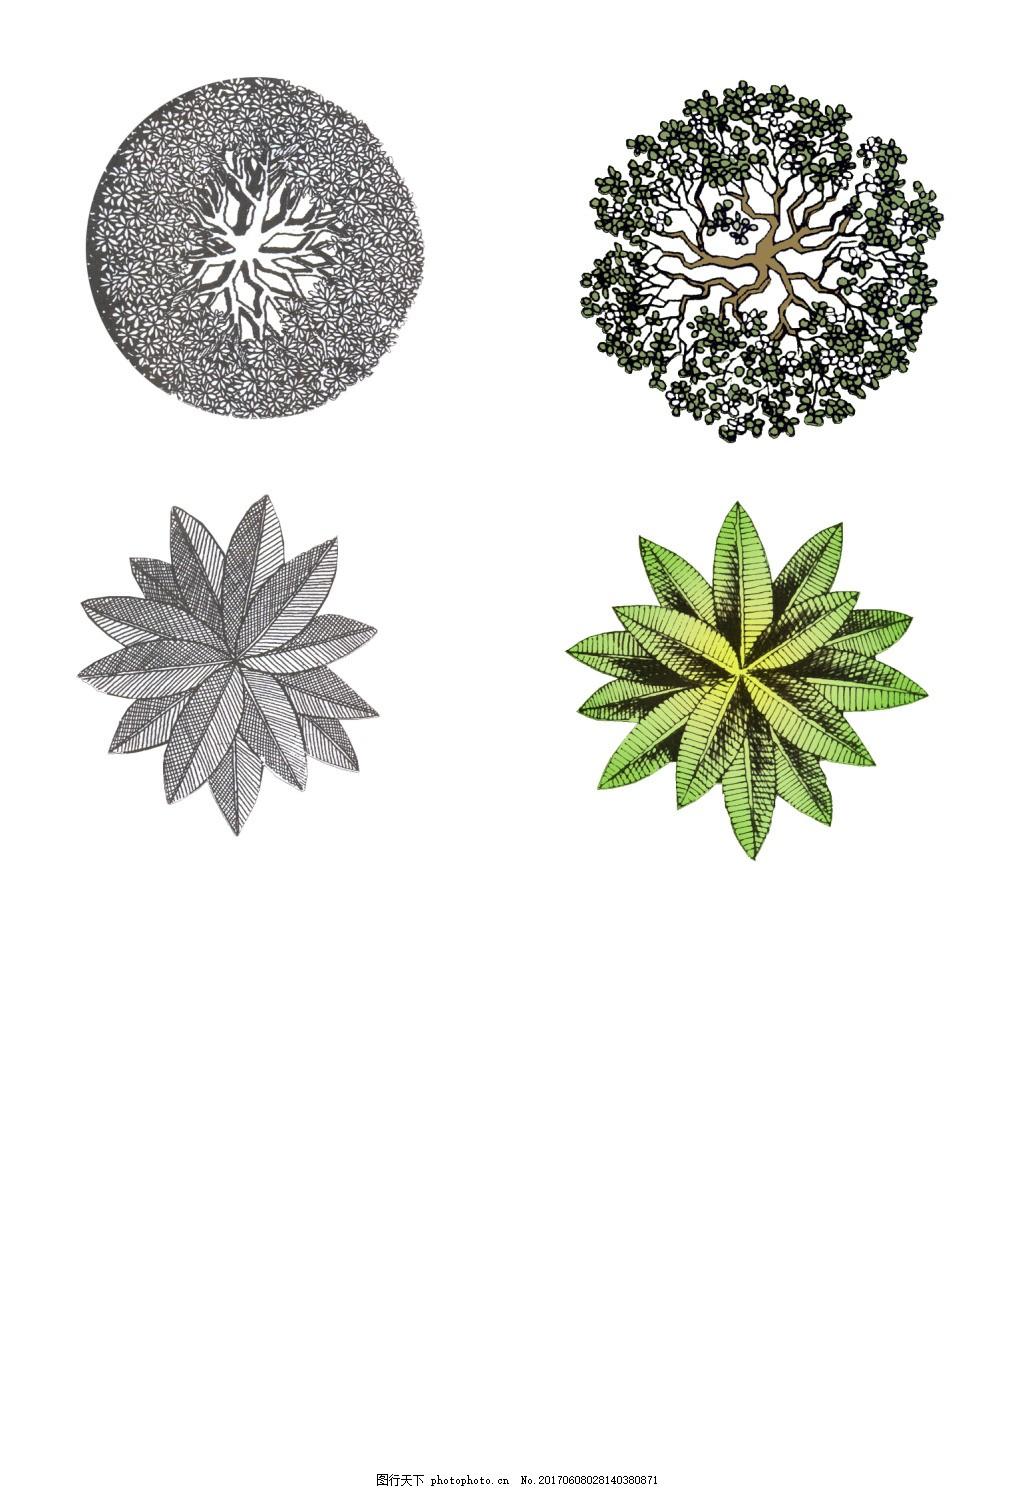 植物平面图素材--乔木 (13)